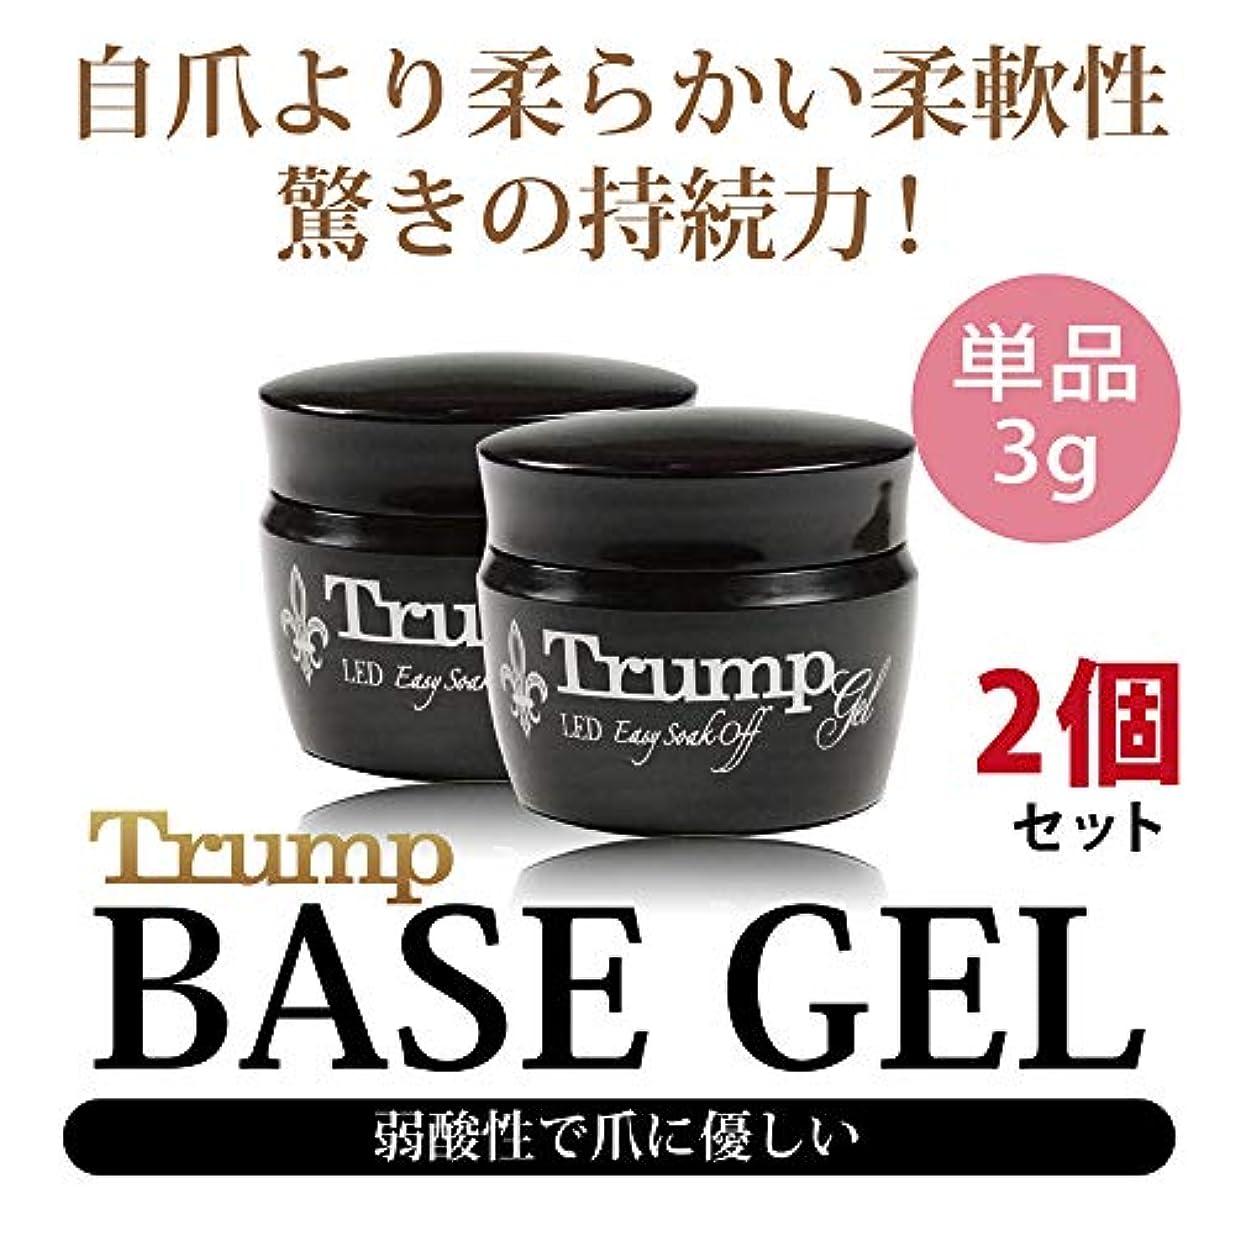 凝視ドラフト聖人Trump gel ベースジェル 3g 2個セット